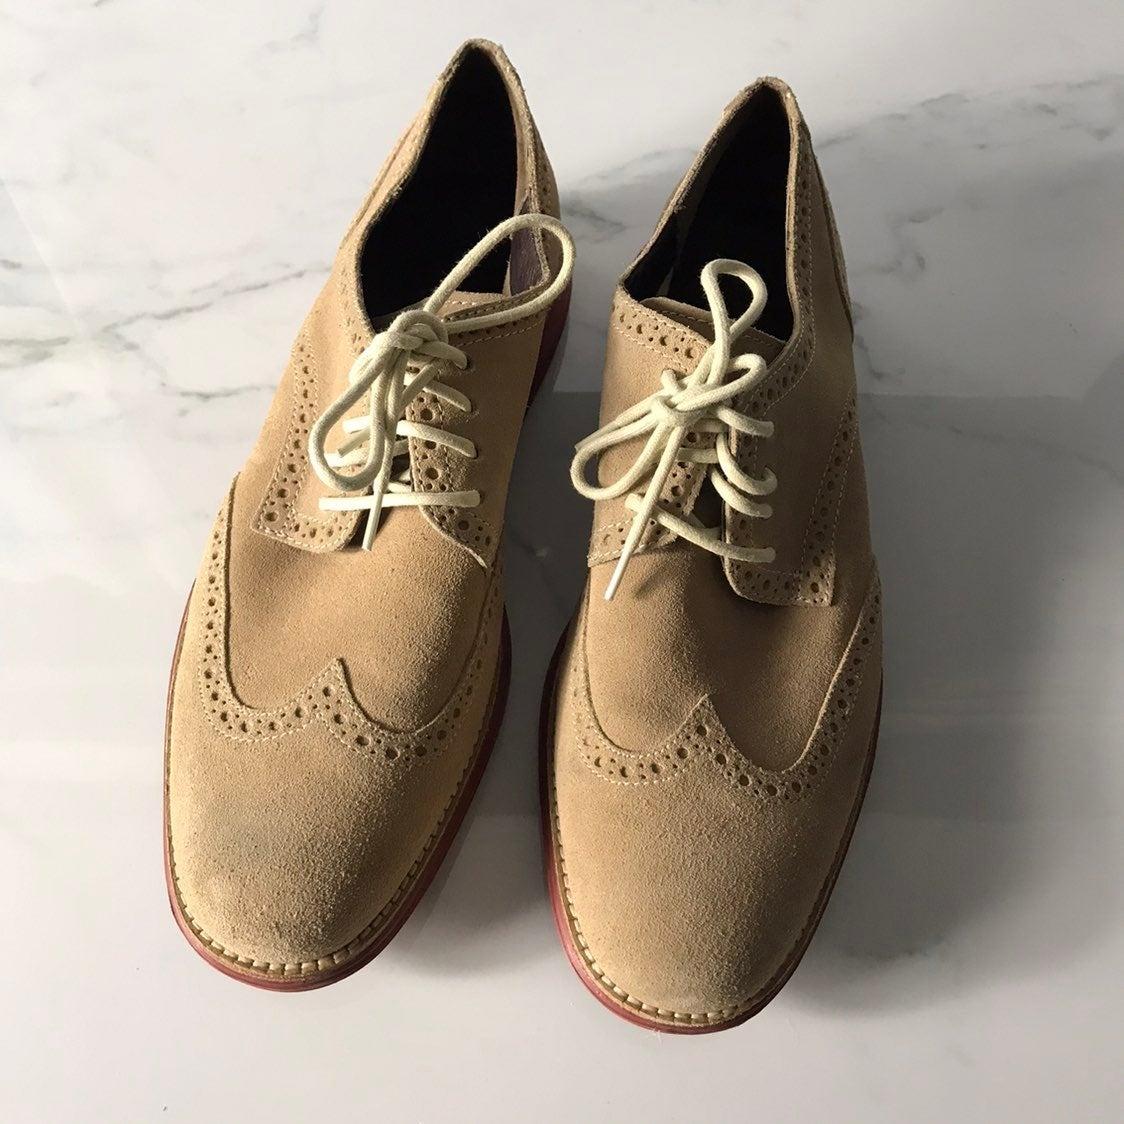 Cole haan lunargrand mens shoes Sz 9